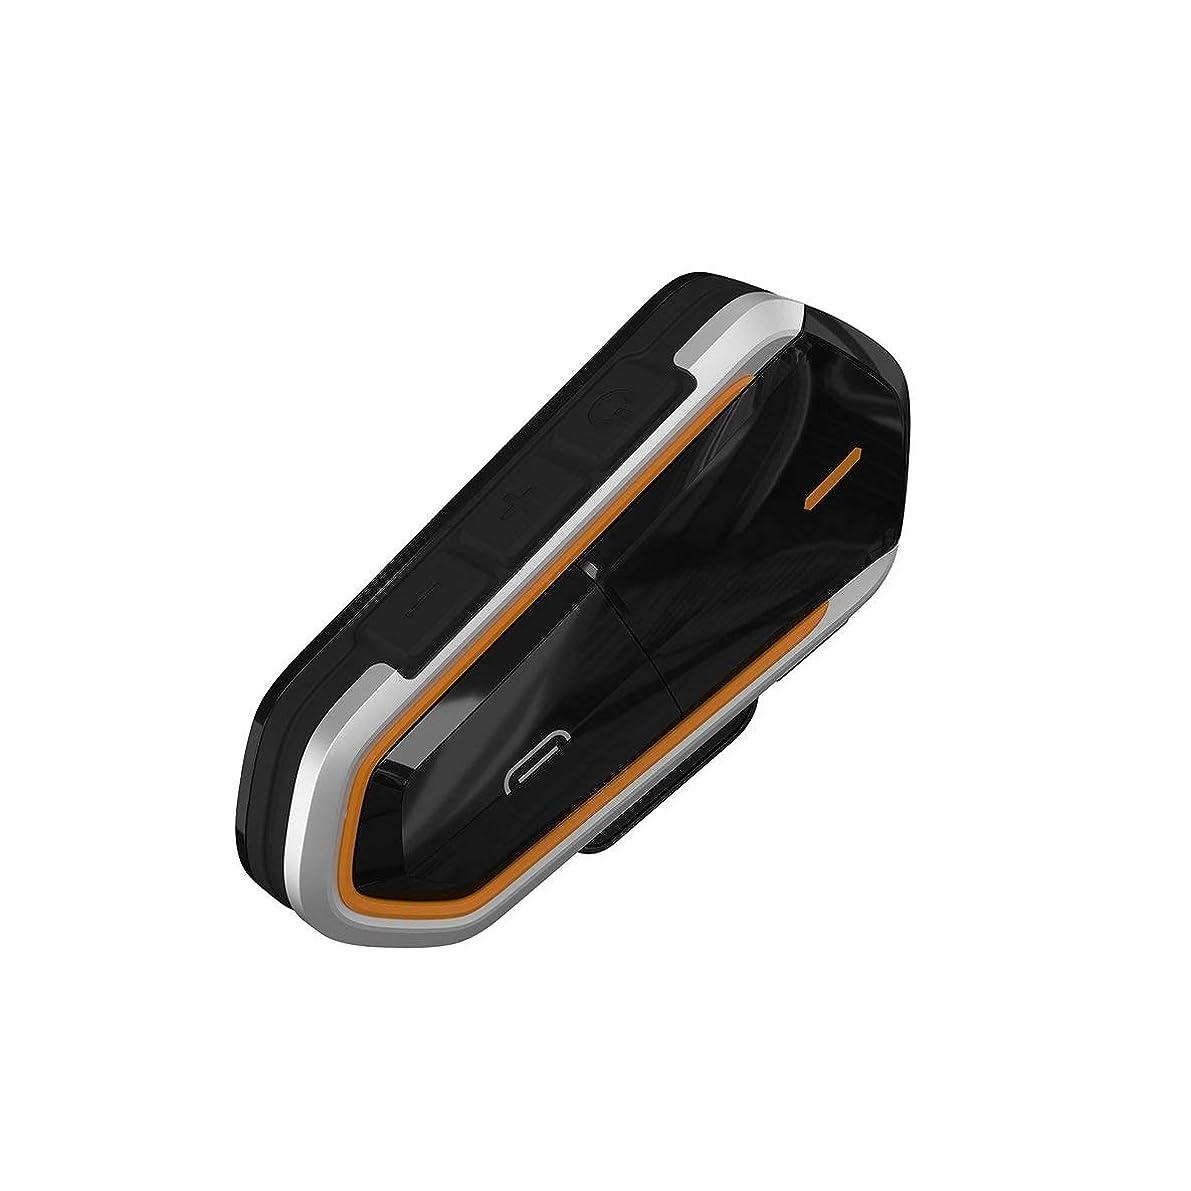 失業慢なヒュームオートバイヘルメットトランシーバーブランドの新しいプライベートモードワイヤレスFmトランシーバー-ブラック&オレンジ